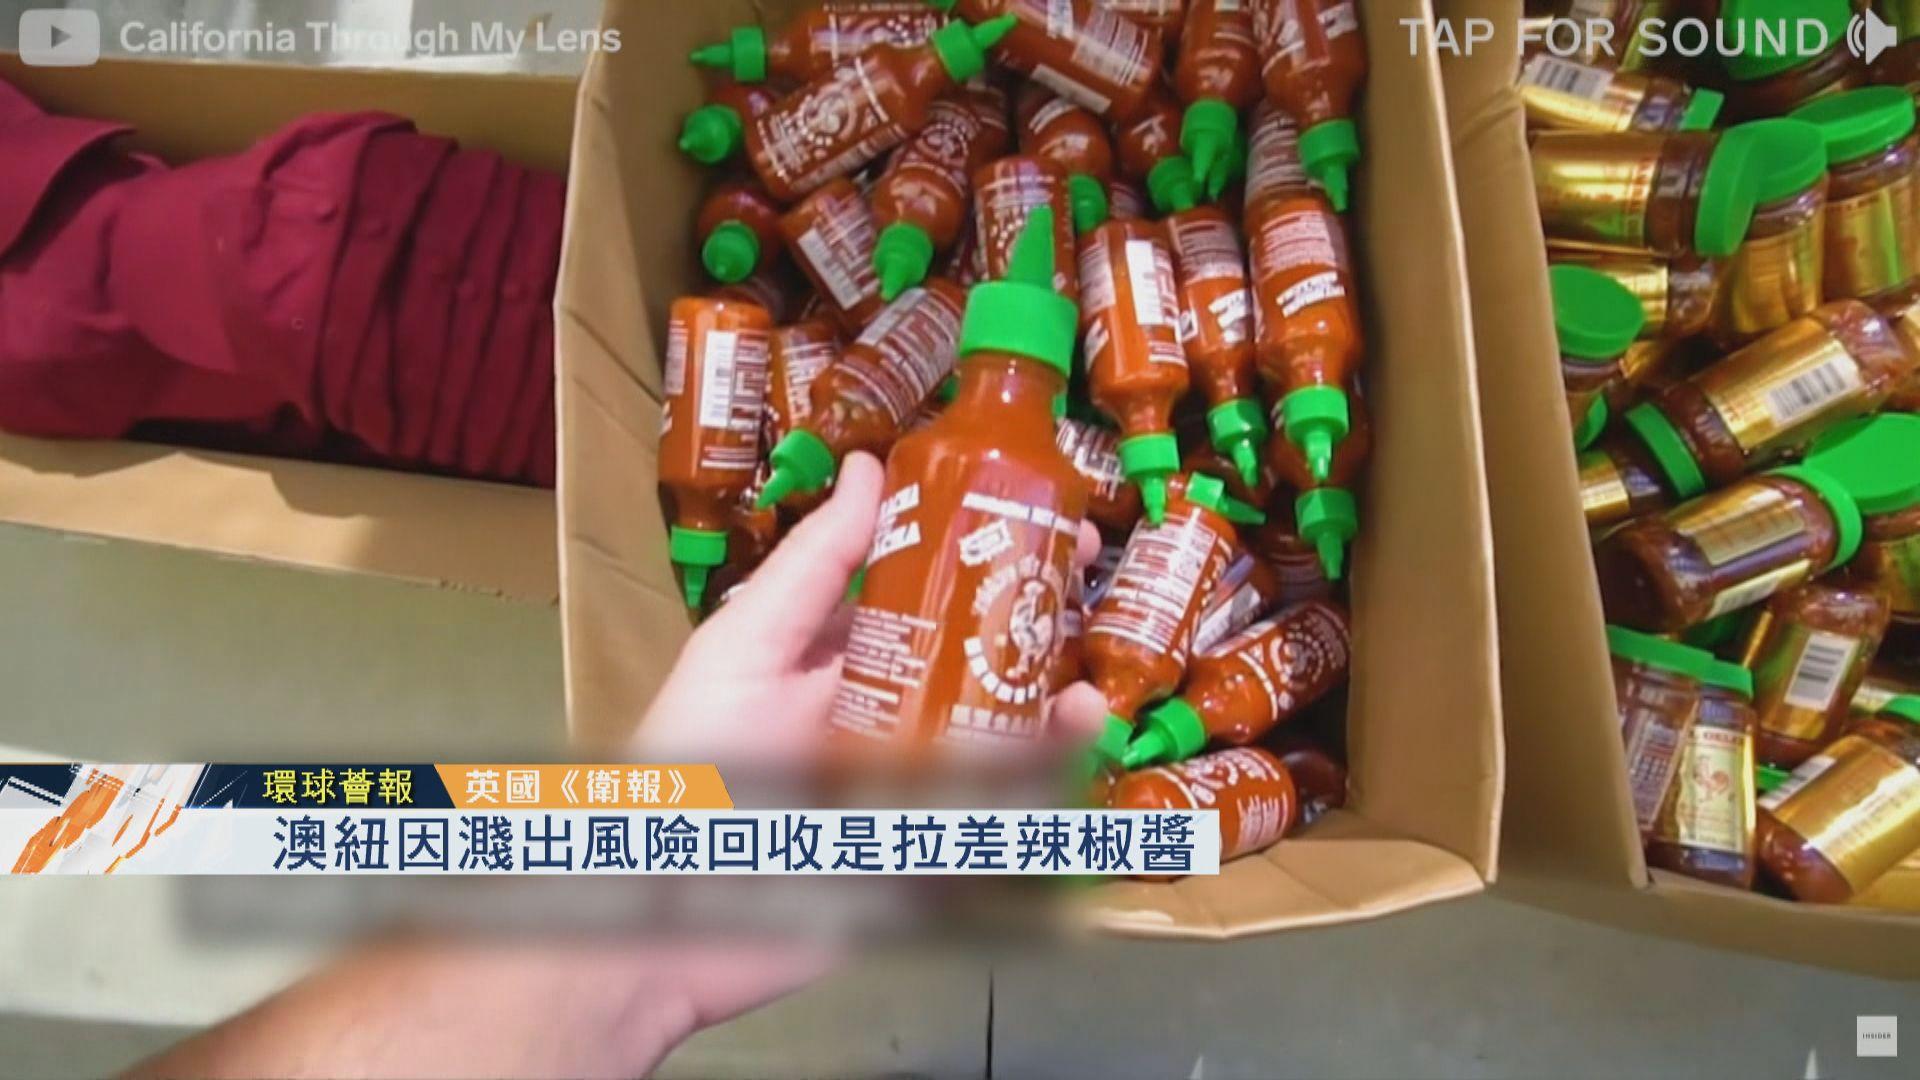 【環球薈報】澳紐因濺出風險回收是拉差辣椒醬